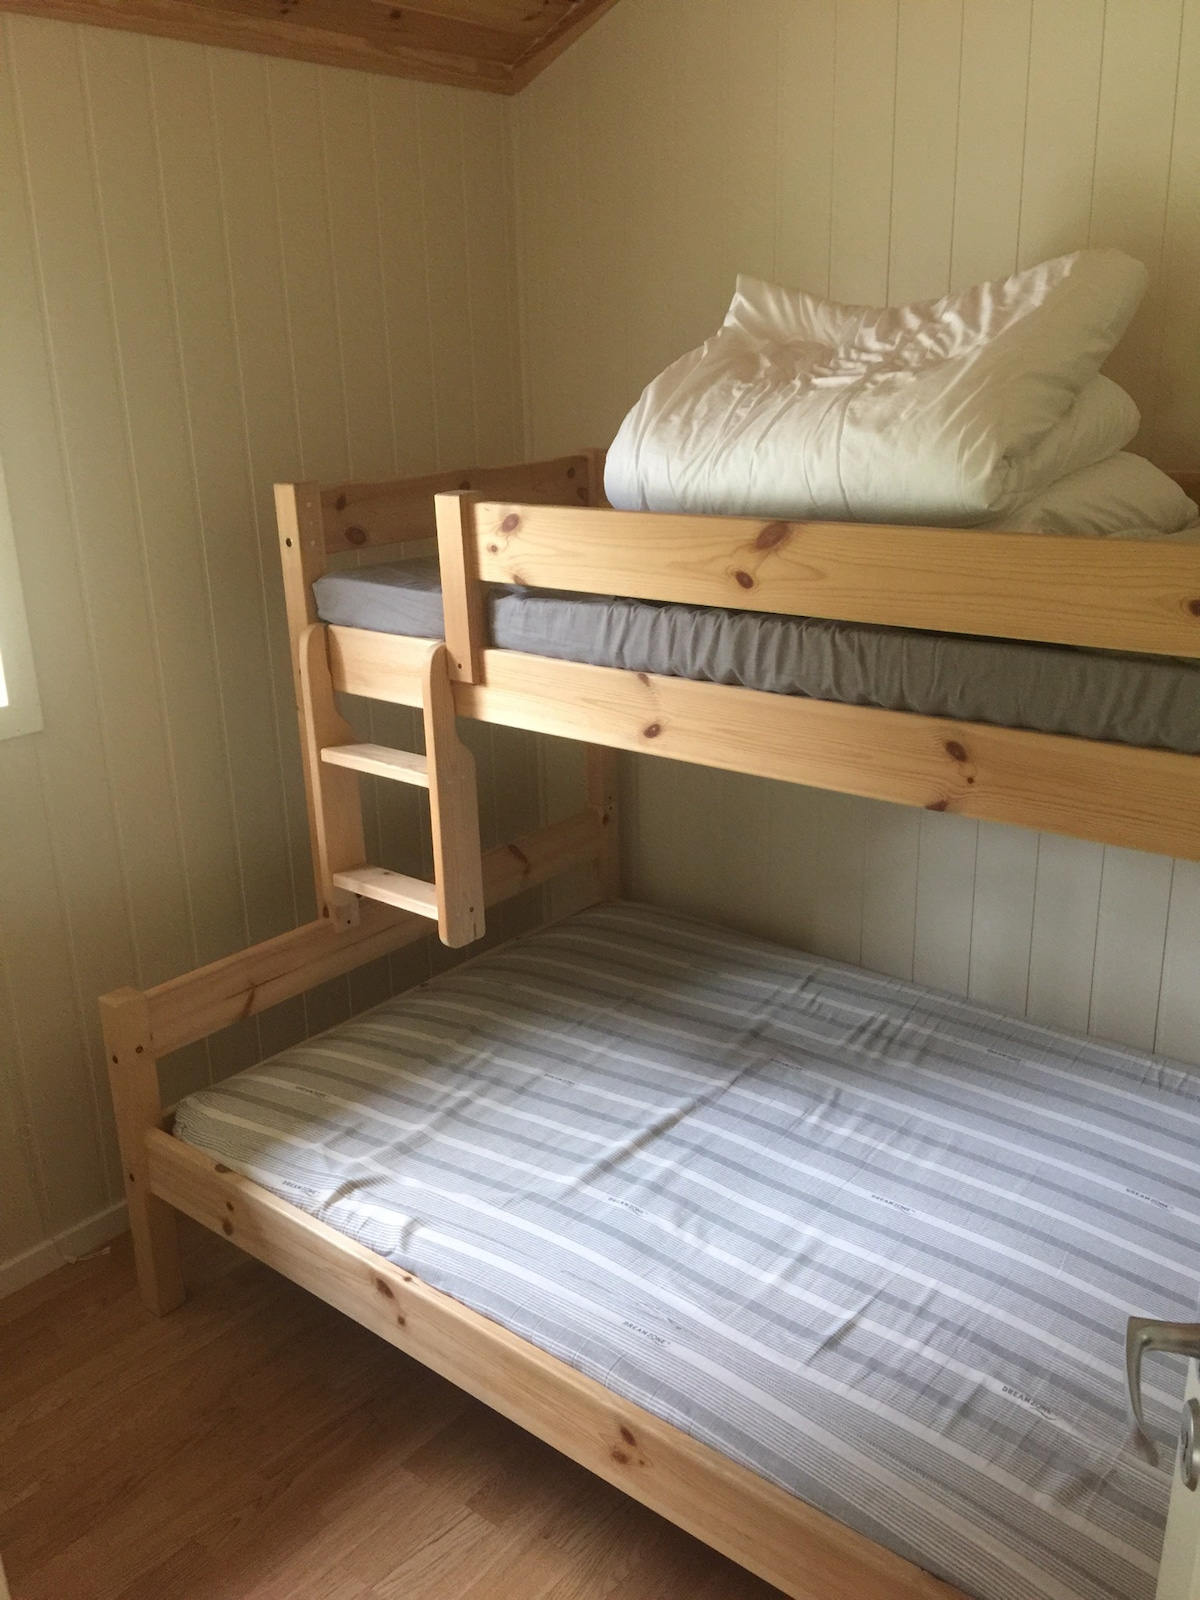 ligg app mattress